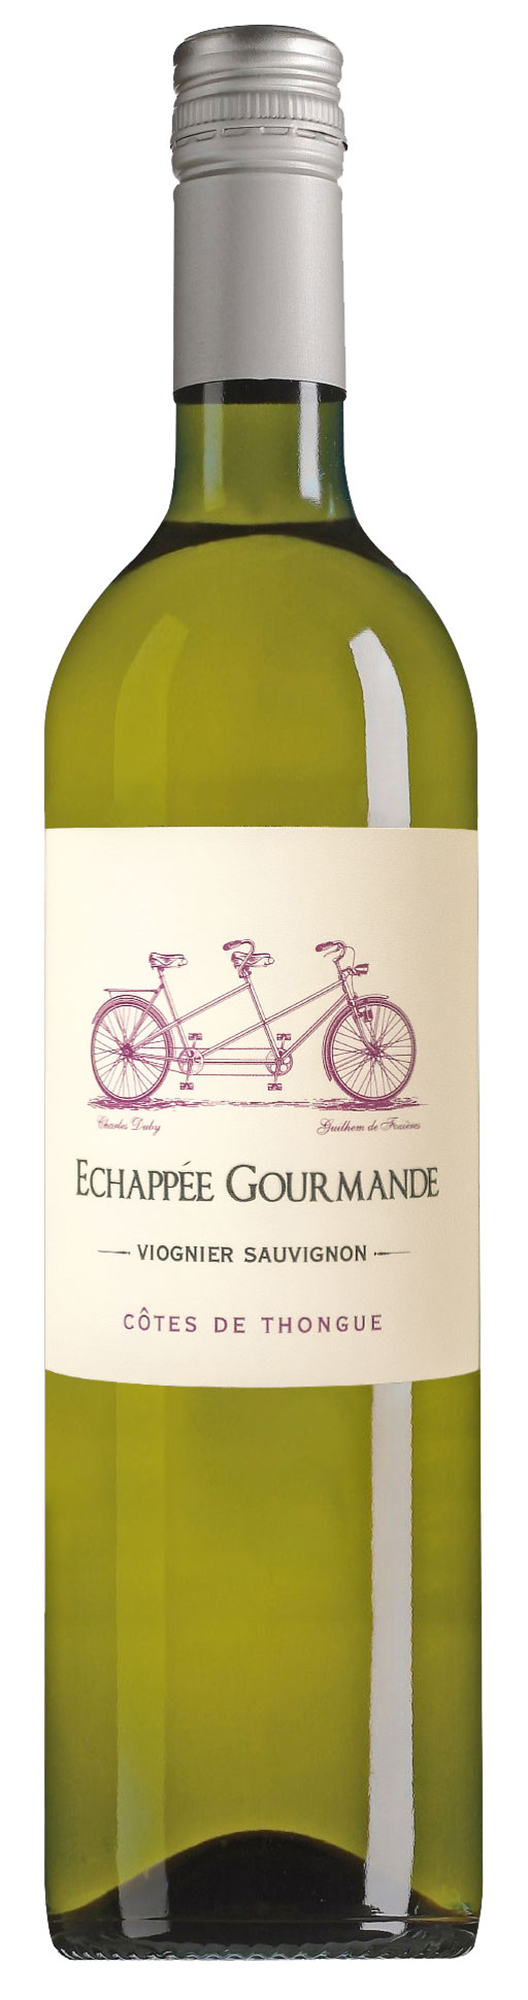 Échappée Gourmande Côtes de Thongue Viognier Sauvignon